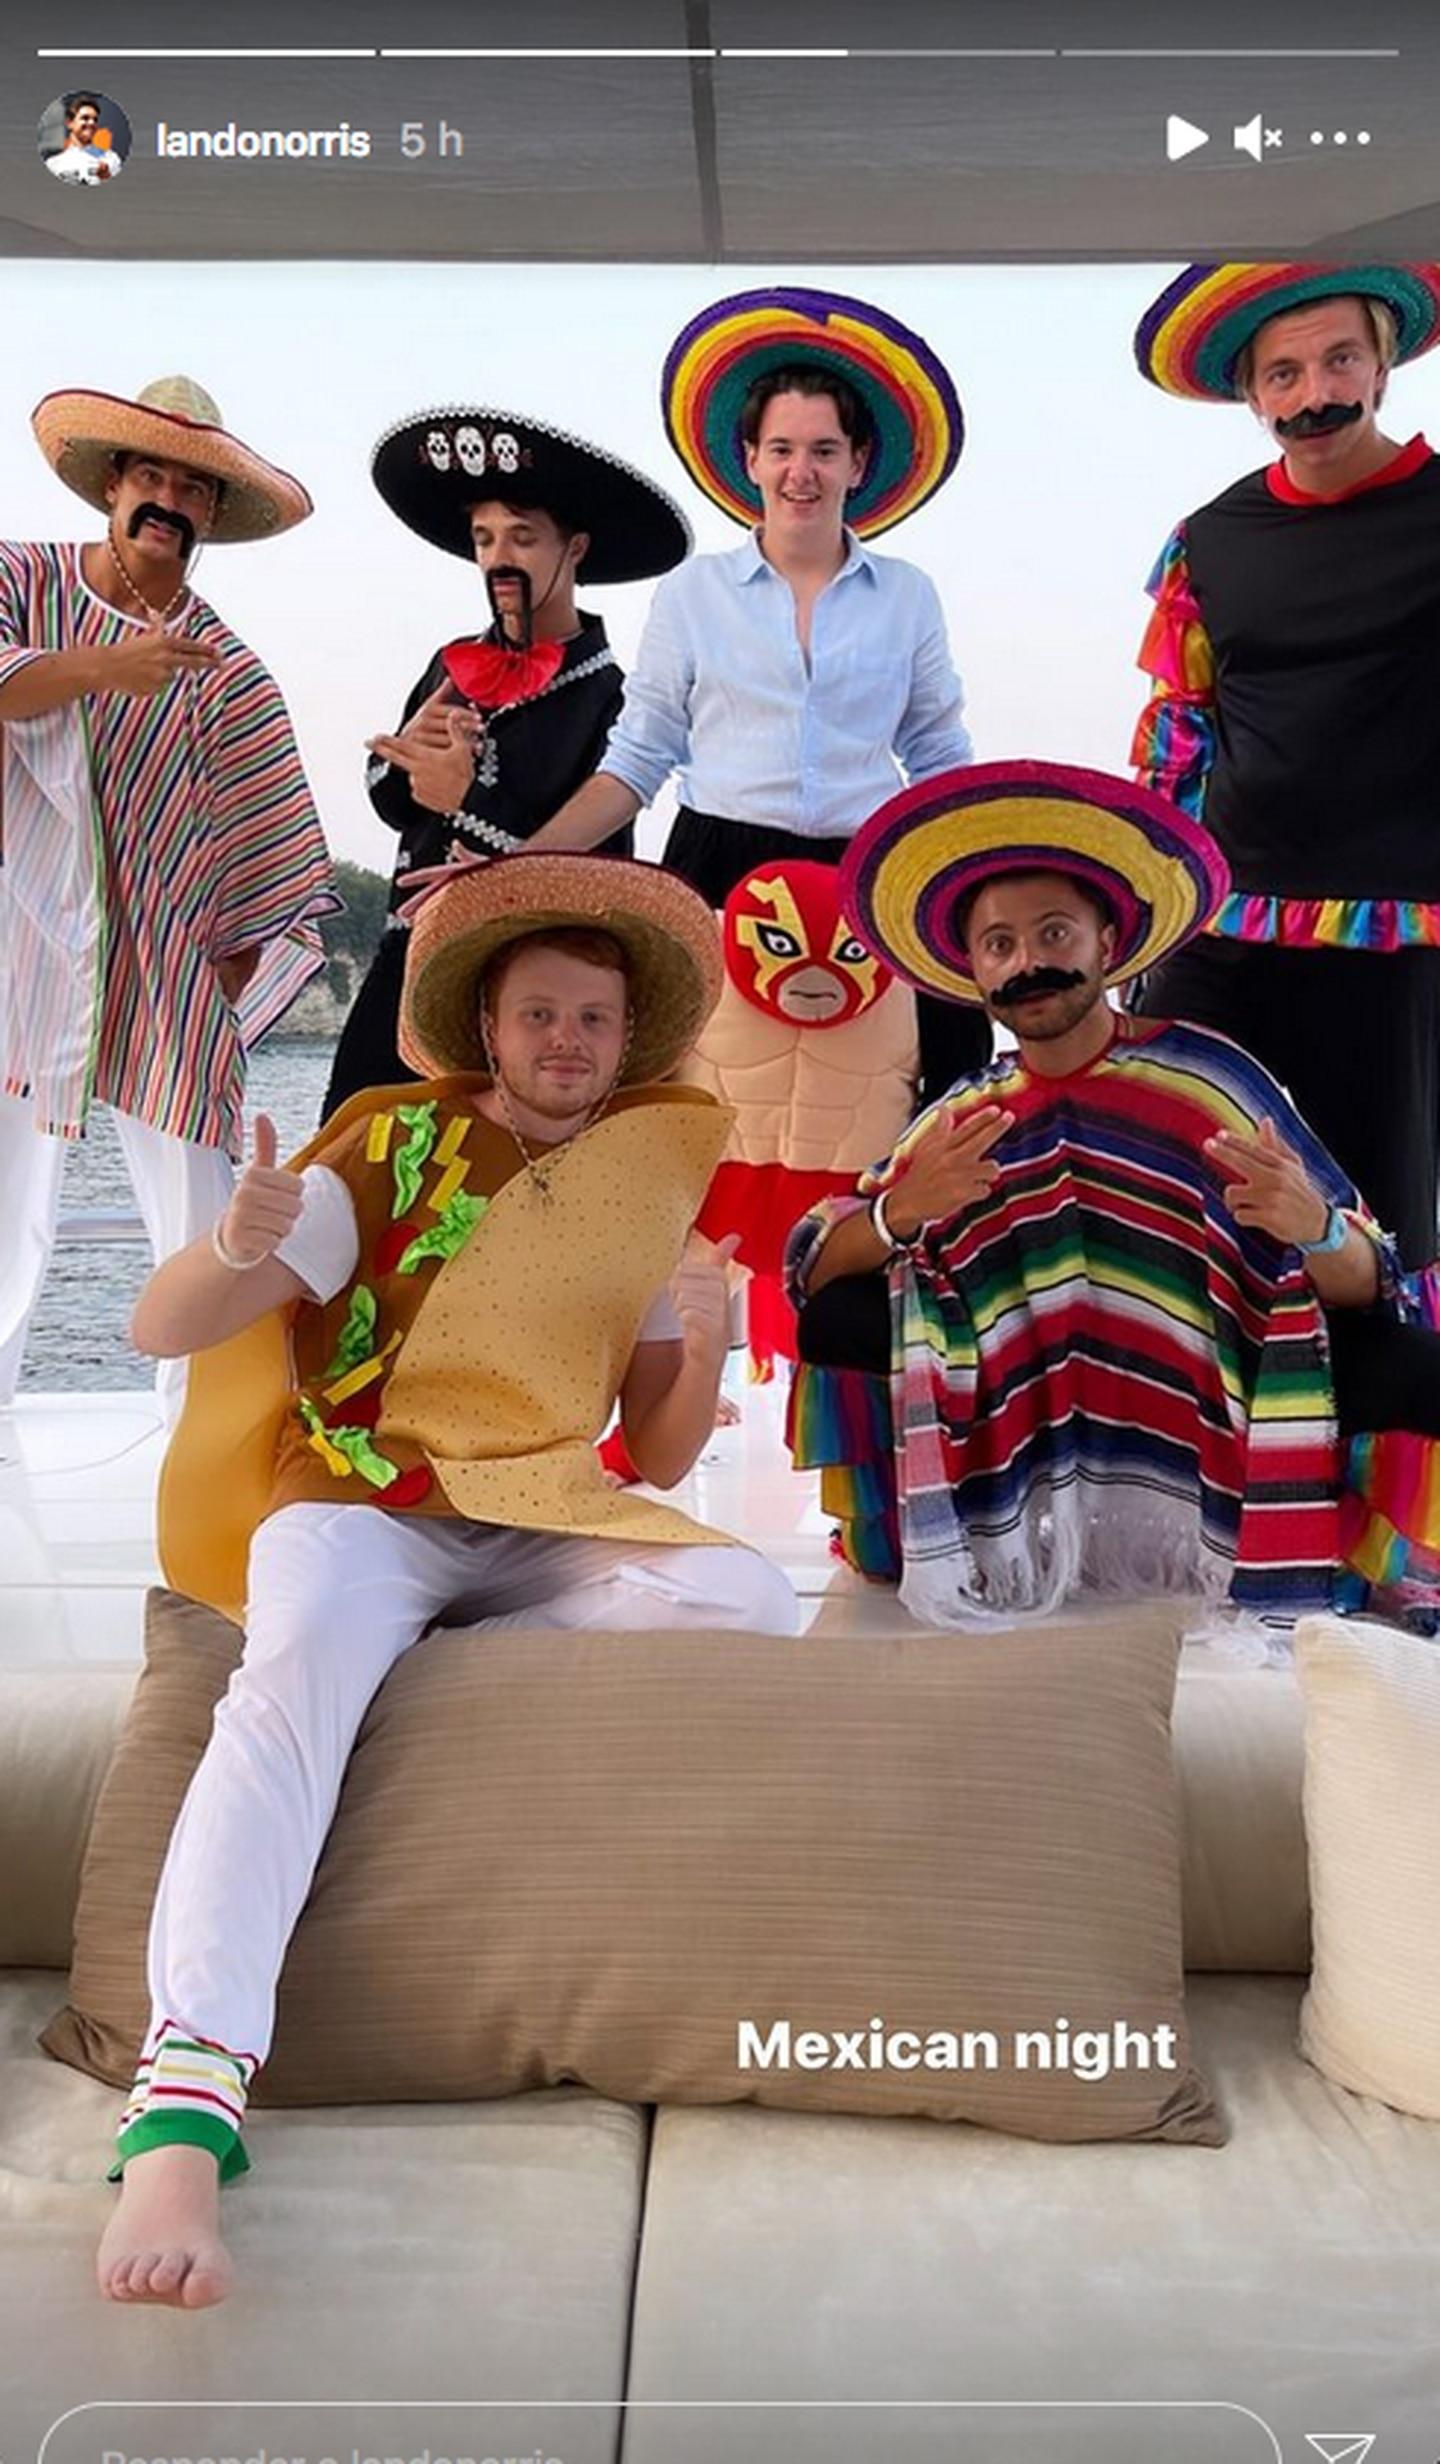 Lando Norris es criticado por realizar 'fiesta mexicana'